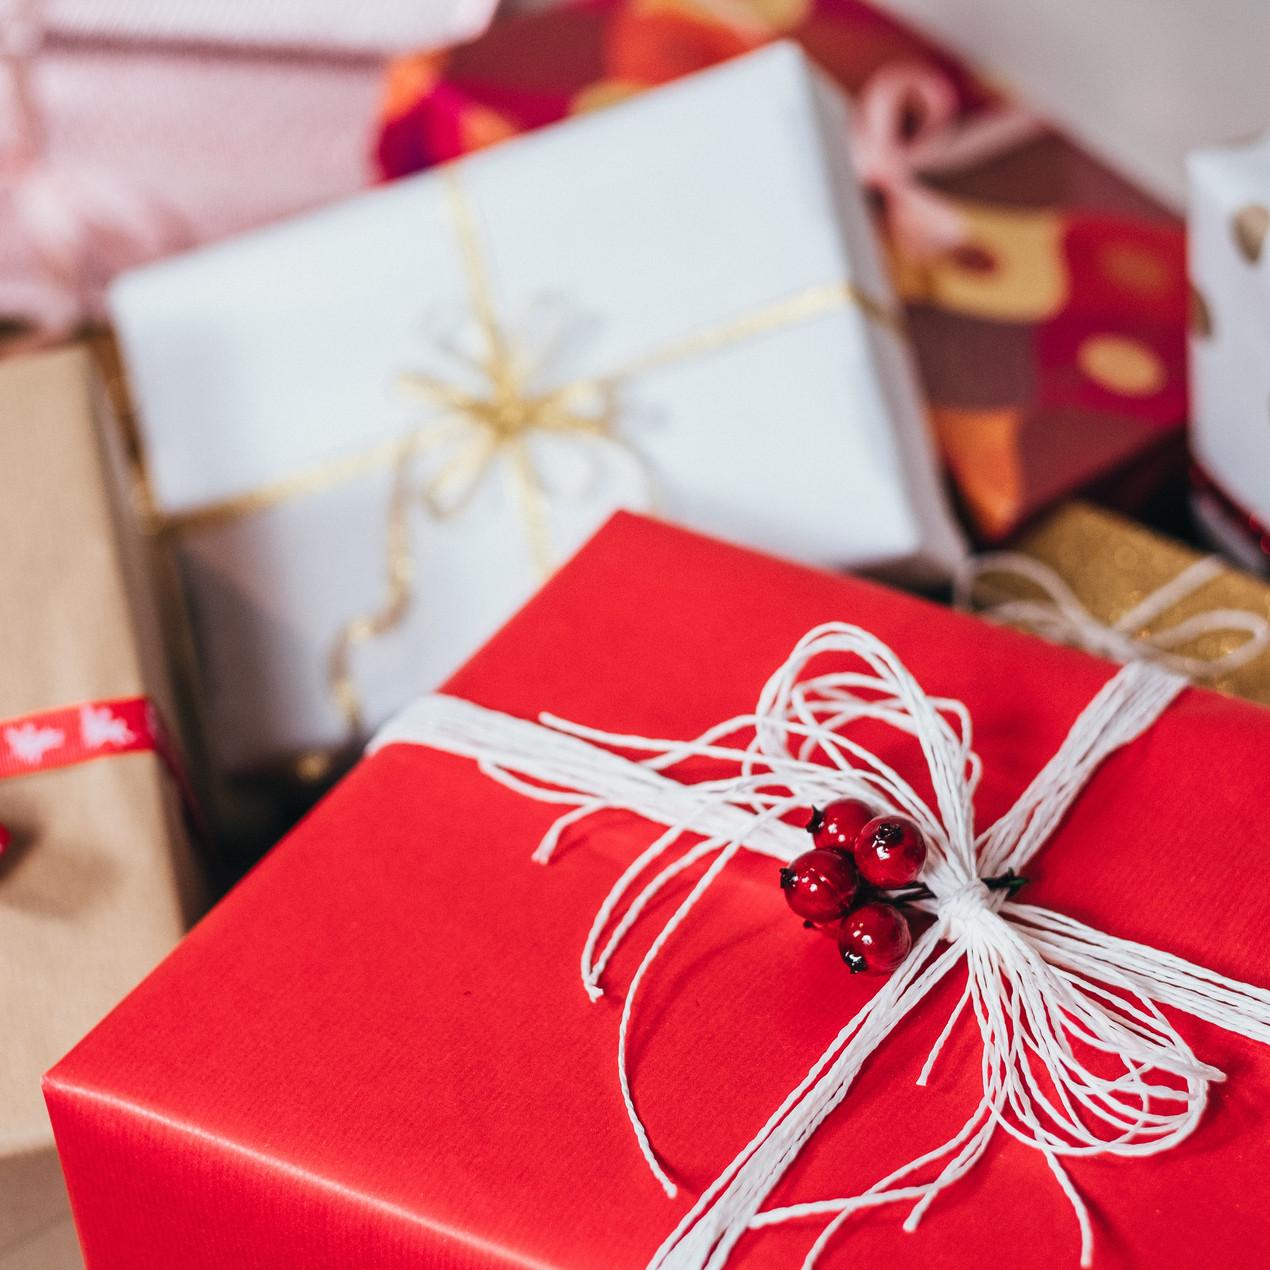 Empaques de regalos sostenibles. Regalos para navidad. Opciones de empaque. Empaques creativos